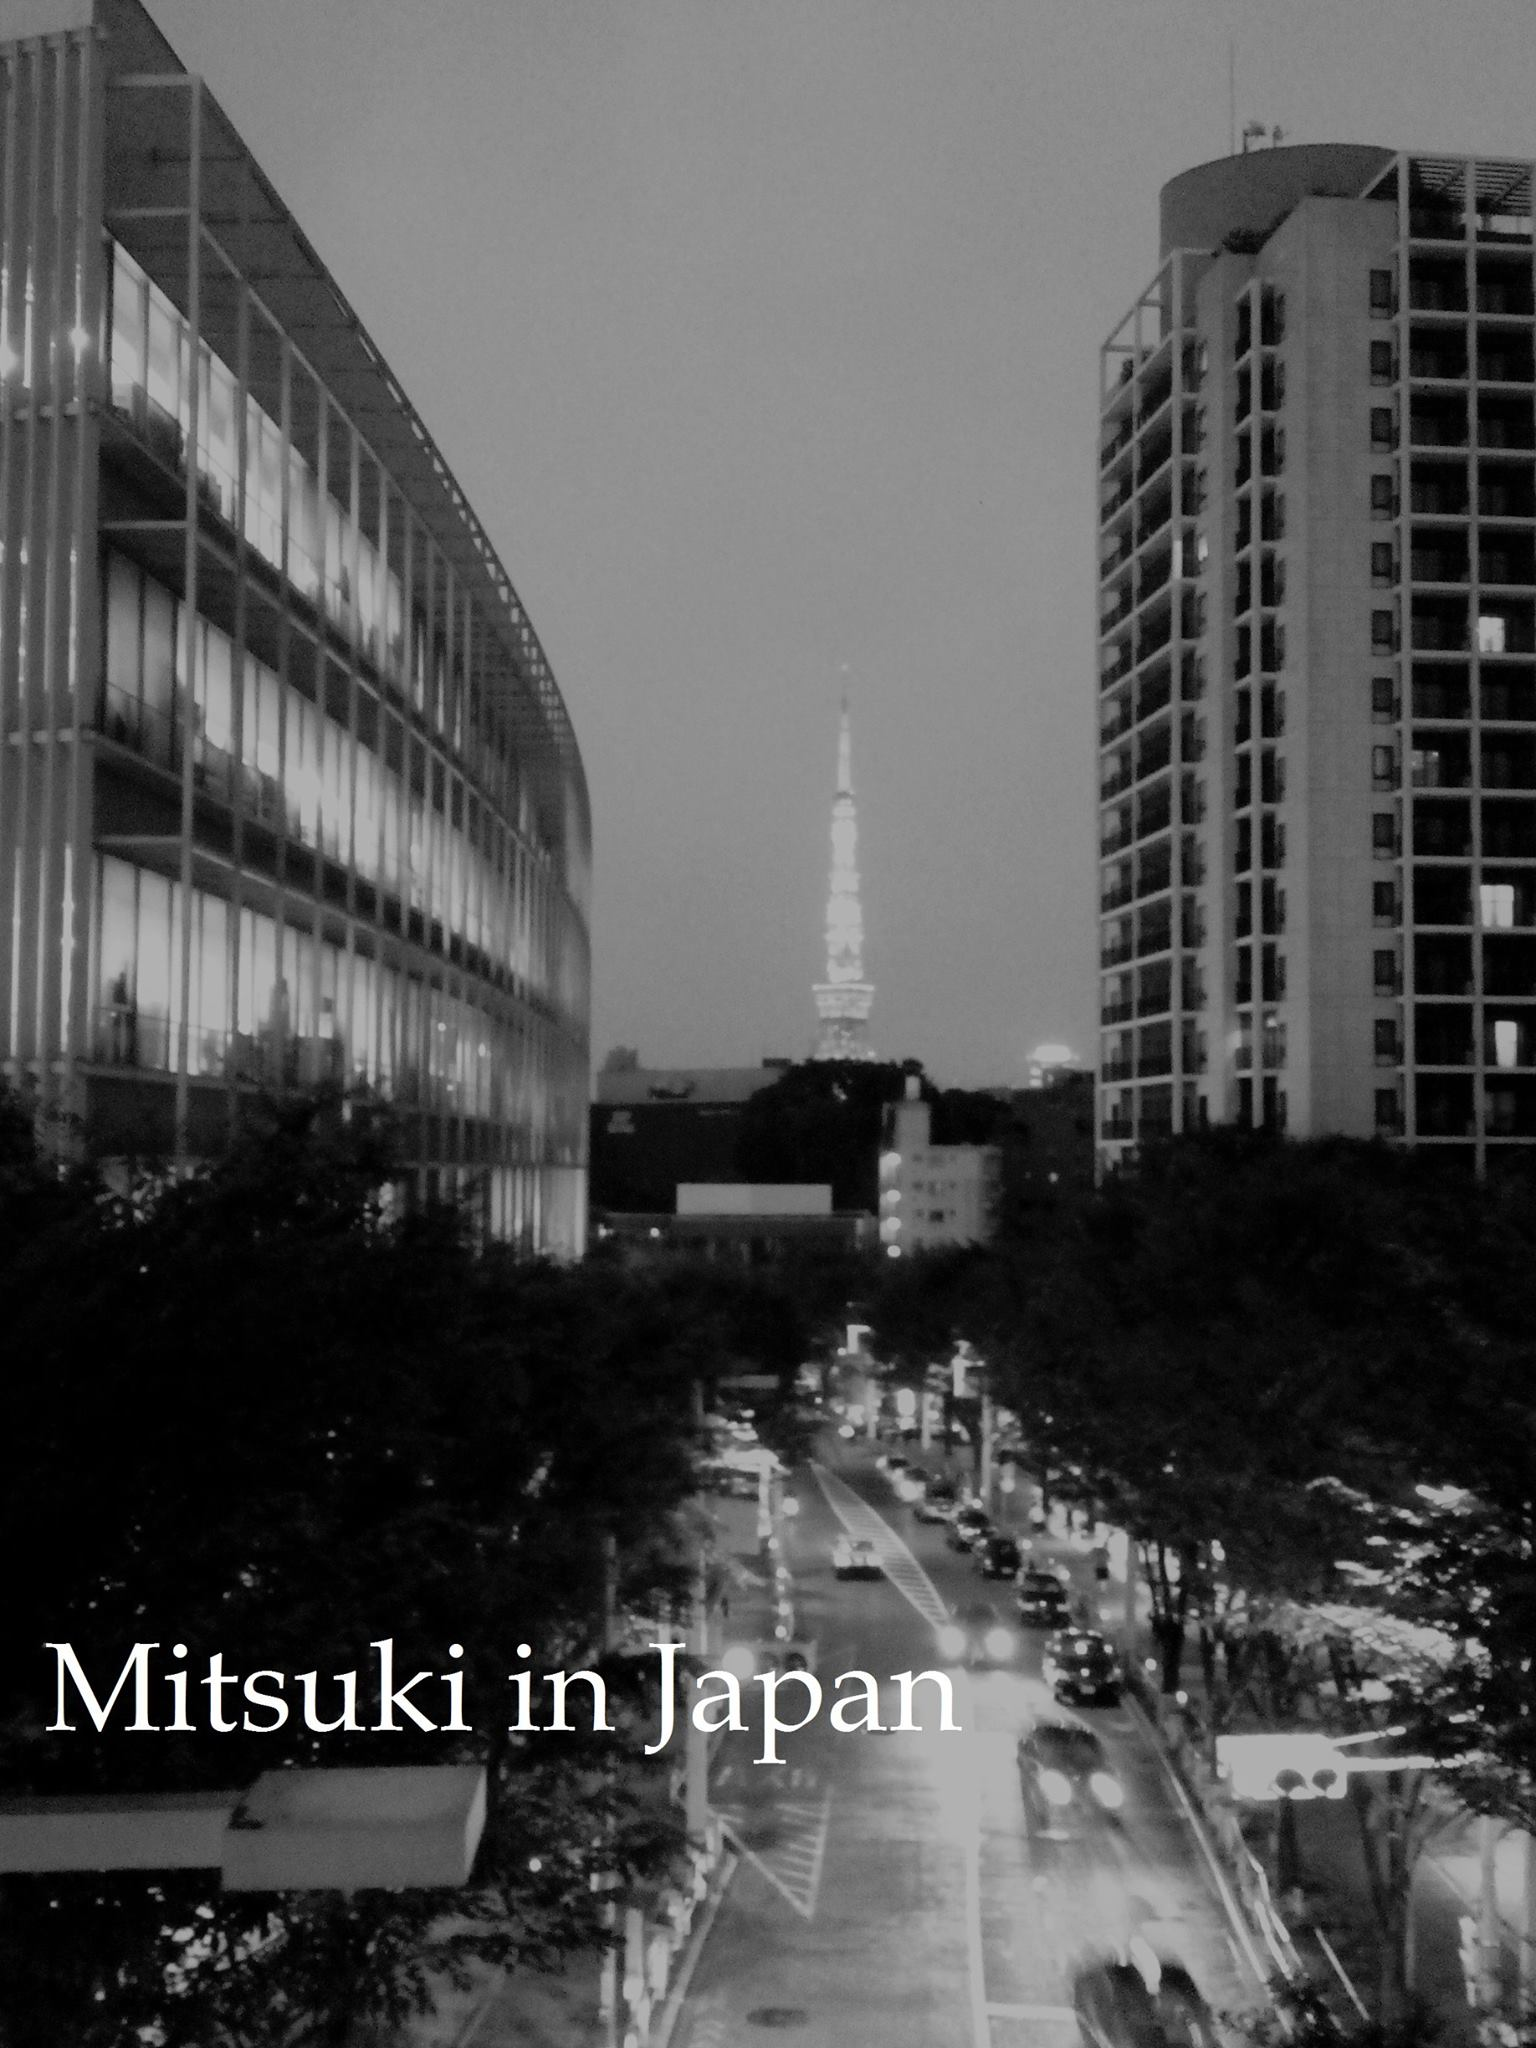 Mitsuki in Japan